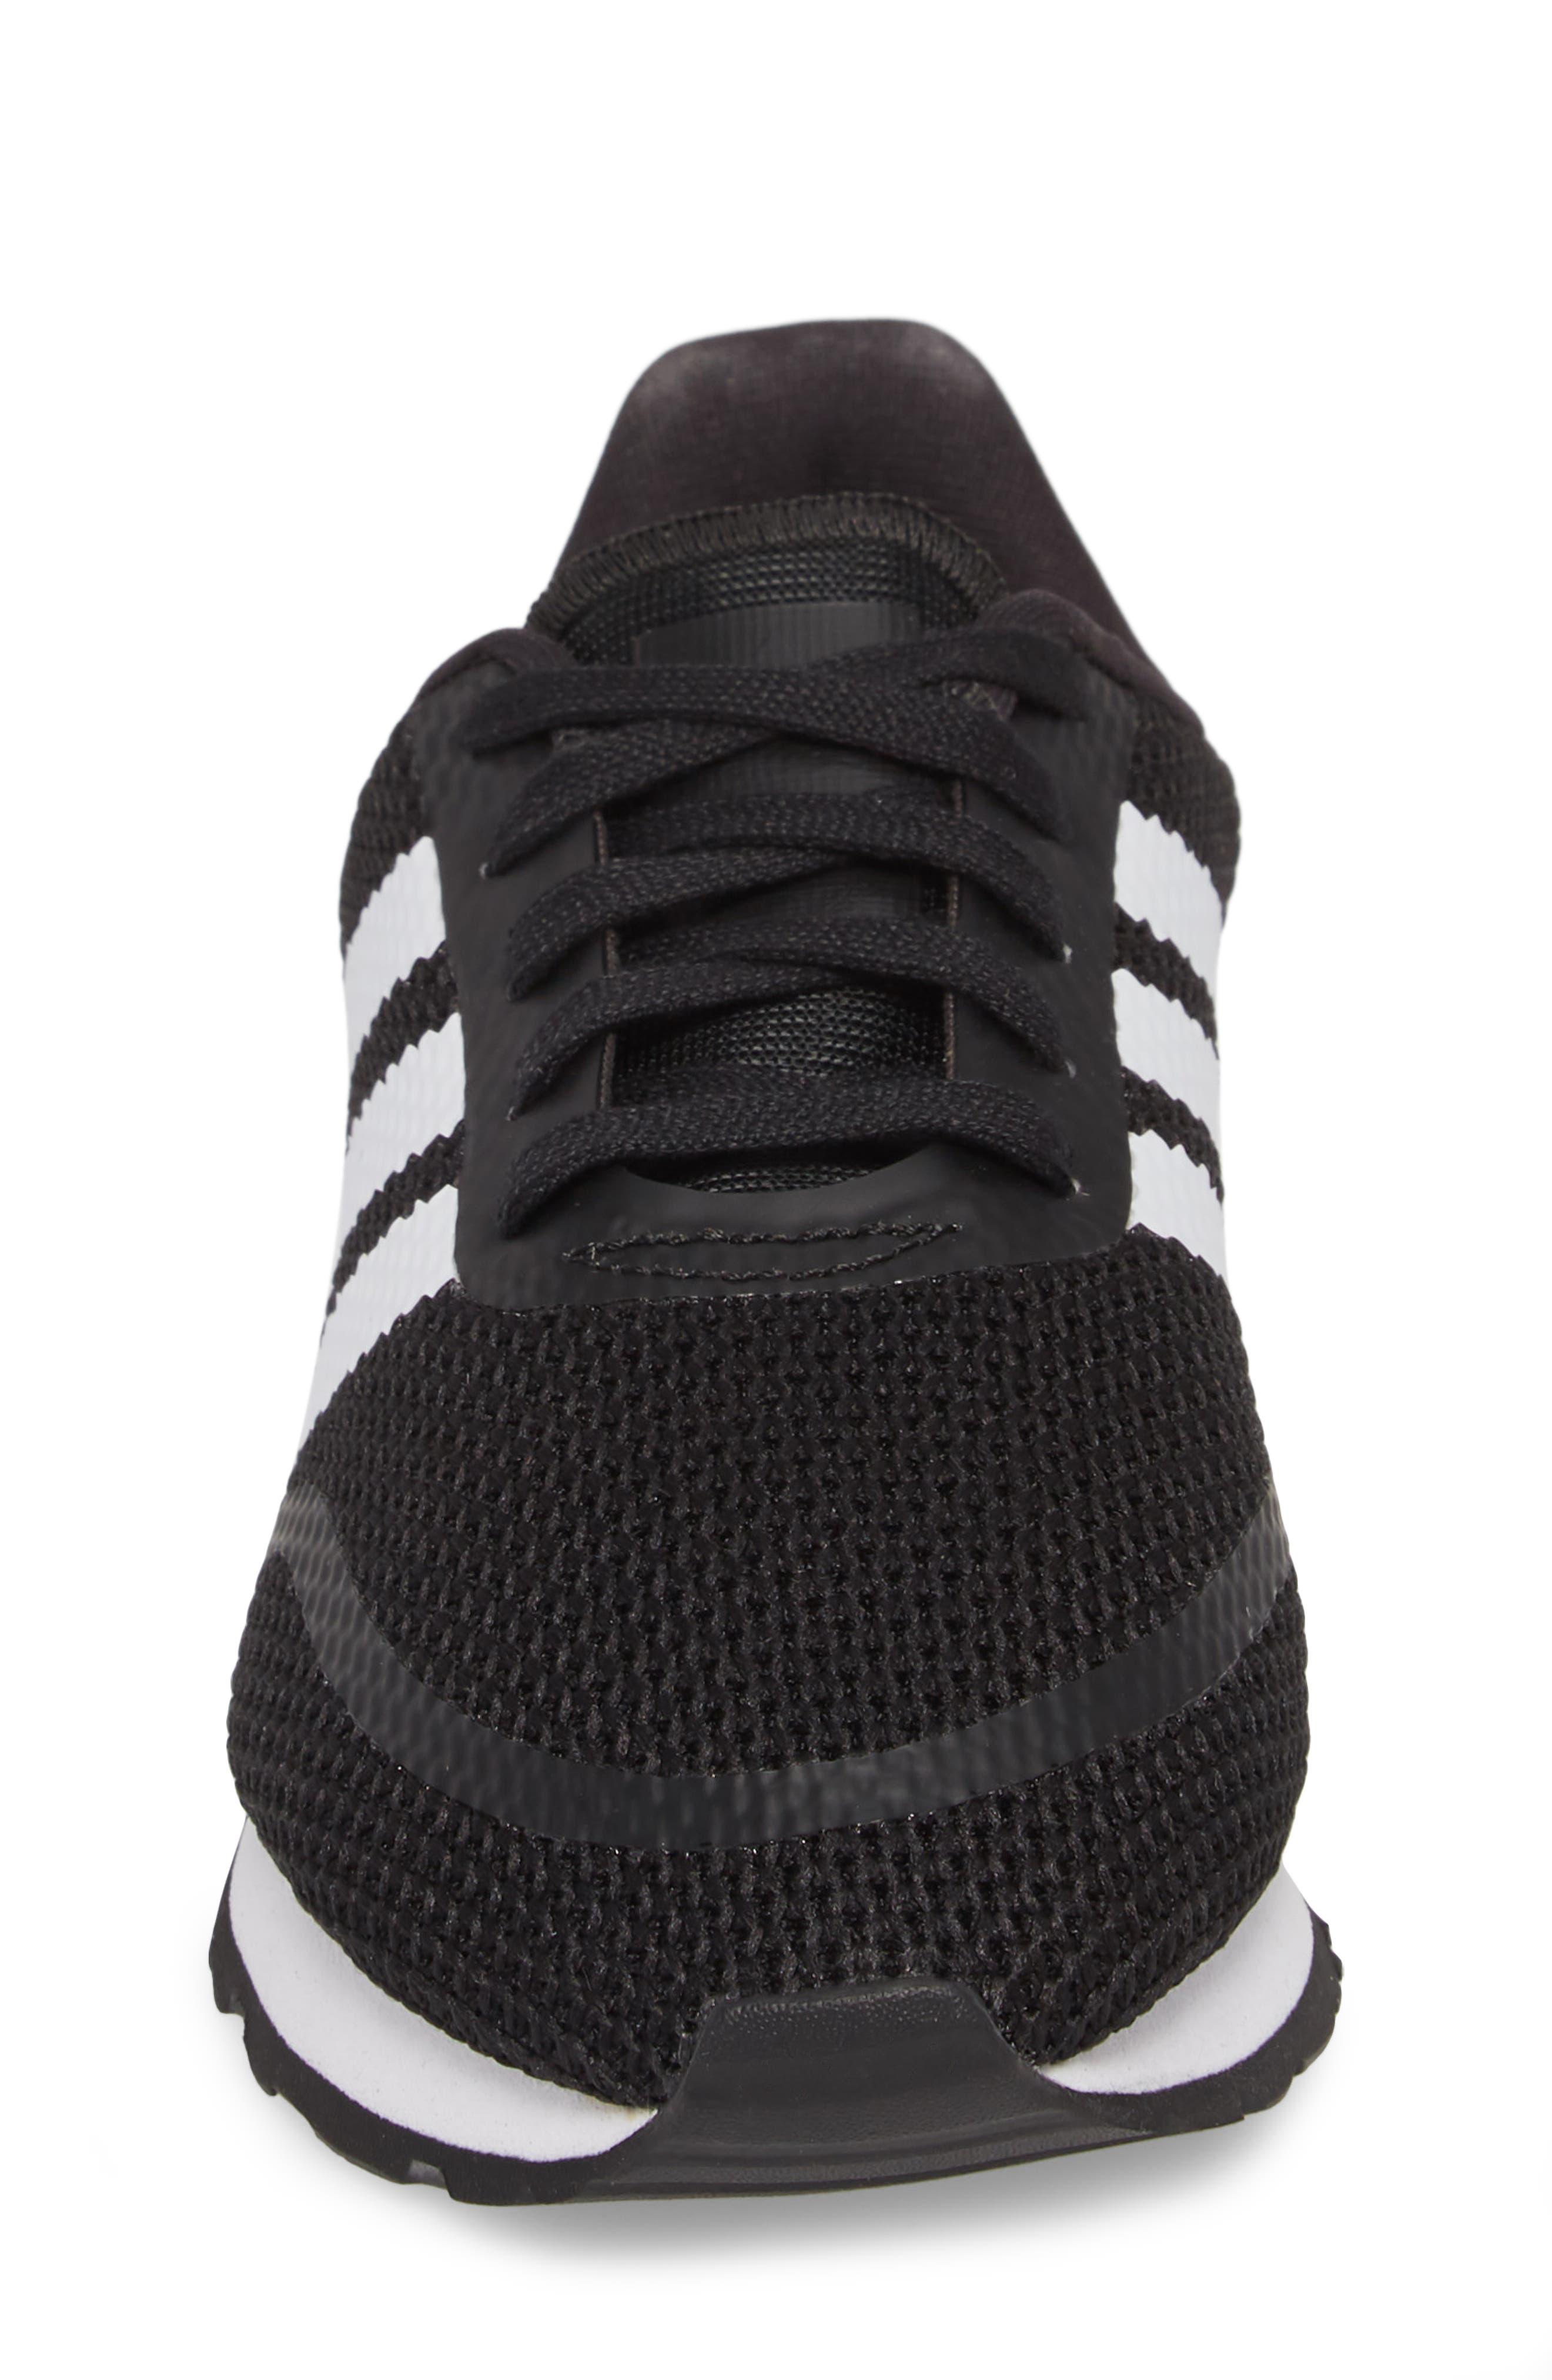 N-5923 Sneaker,                             Alternate thumbnail 4, color,                             Black/ White/ Black